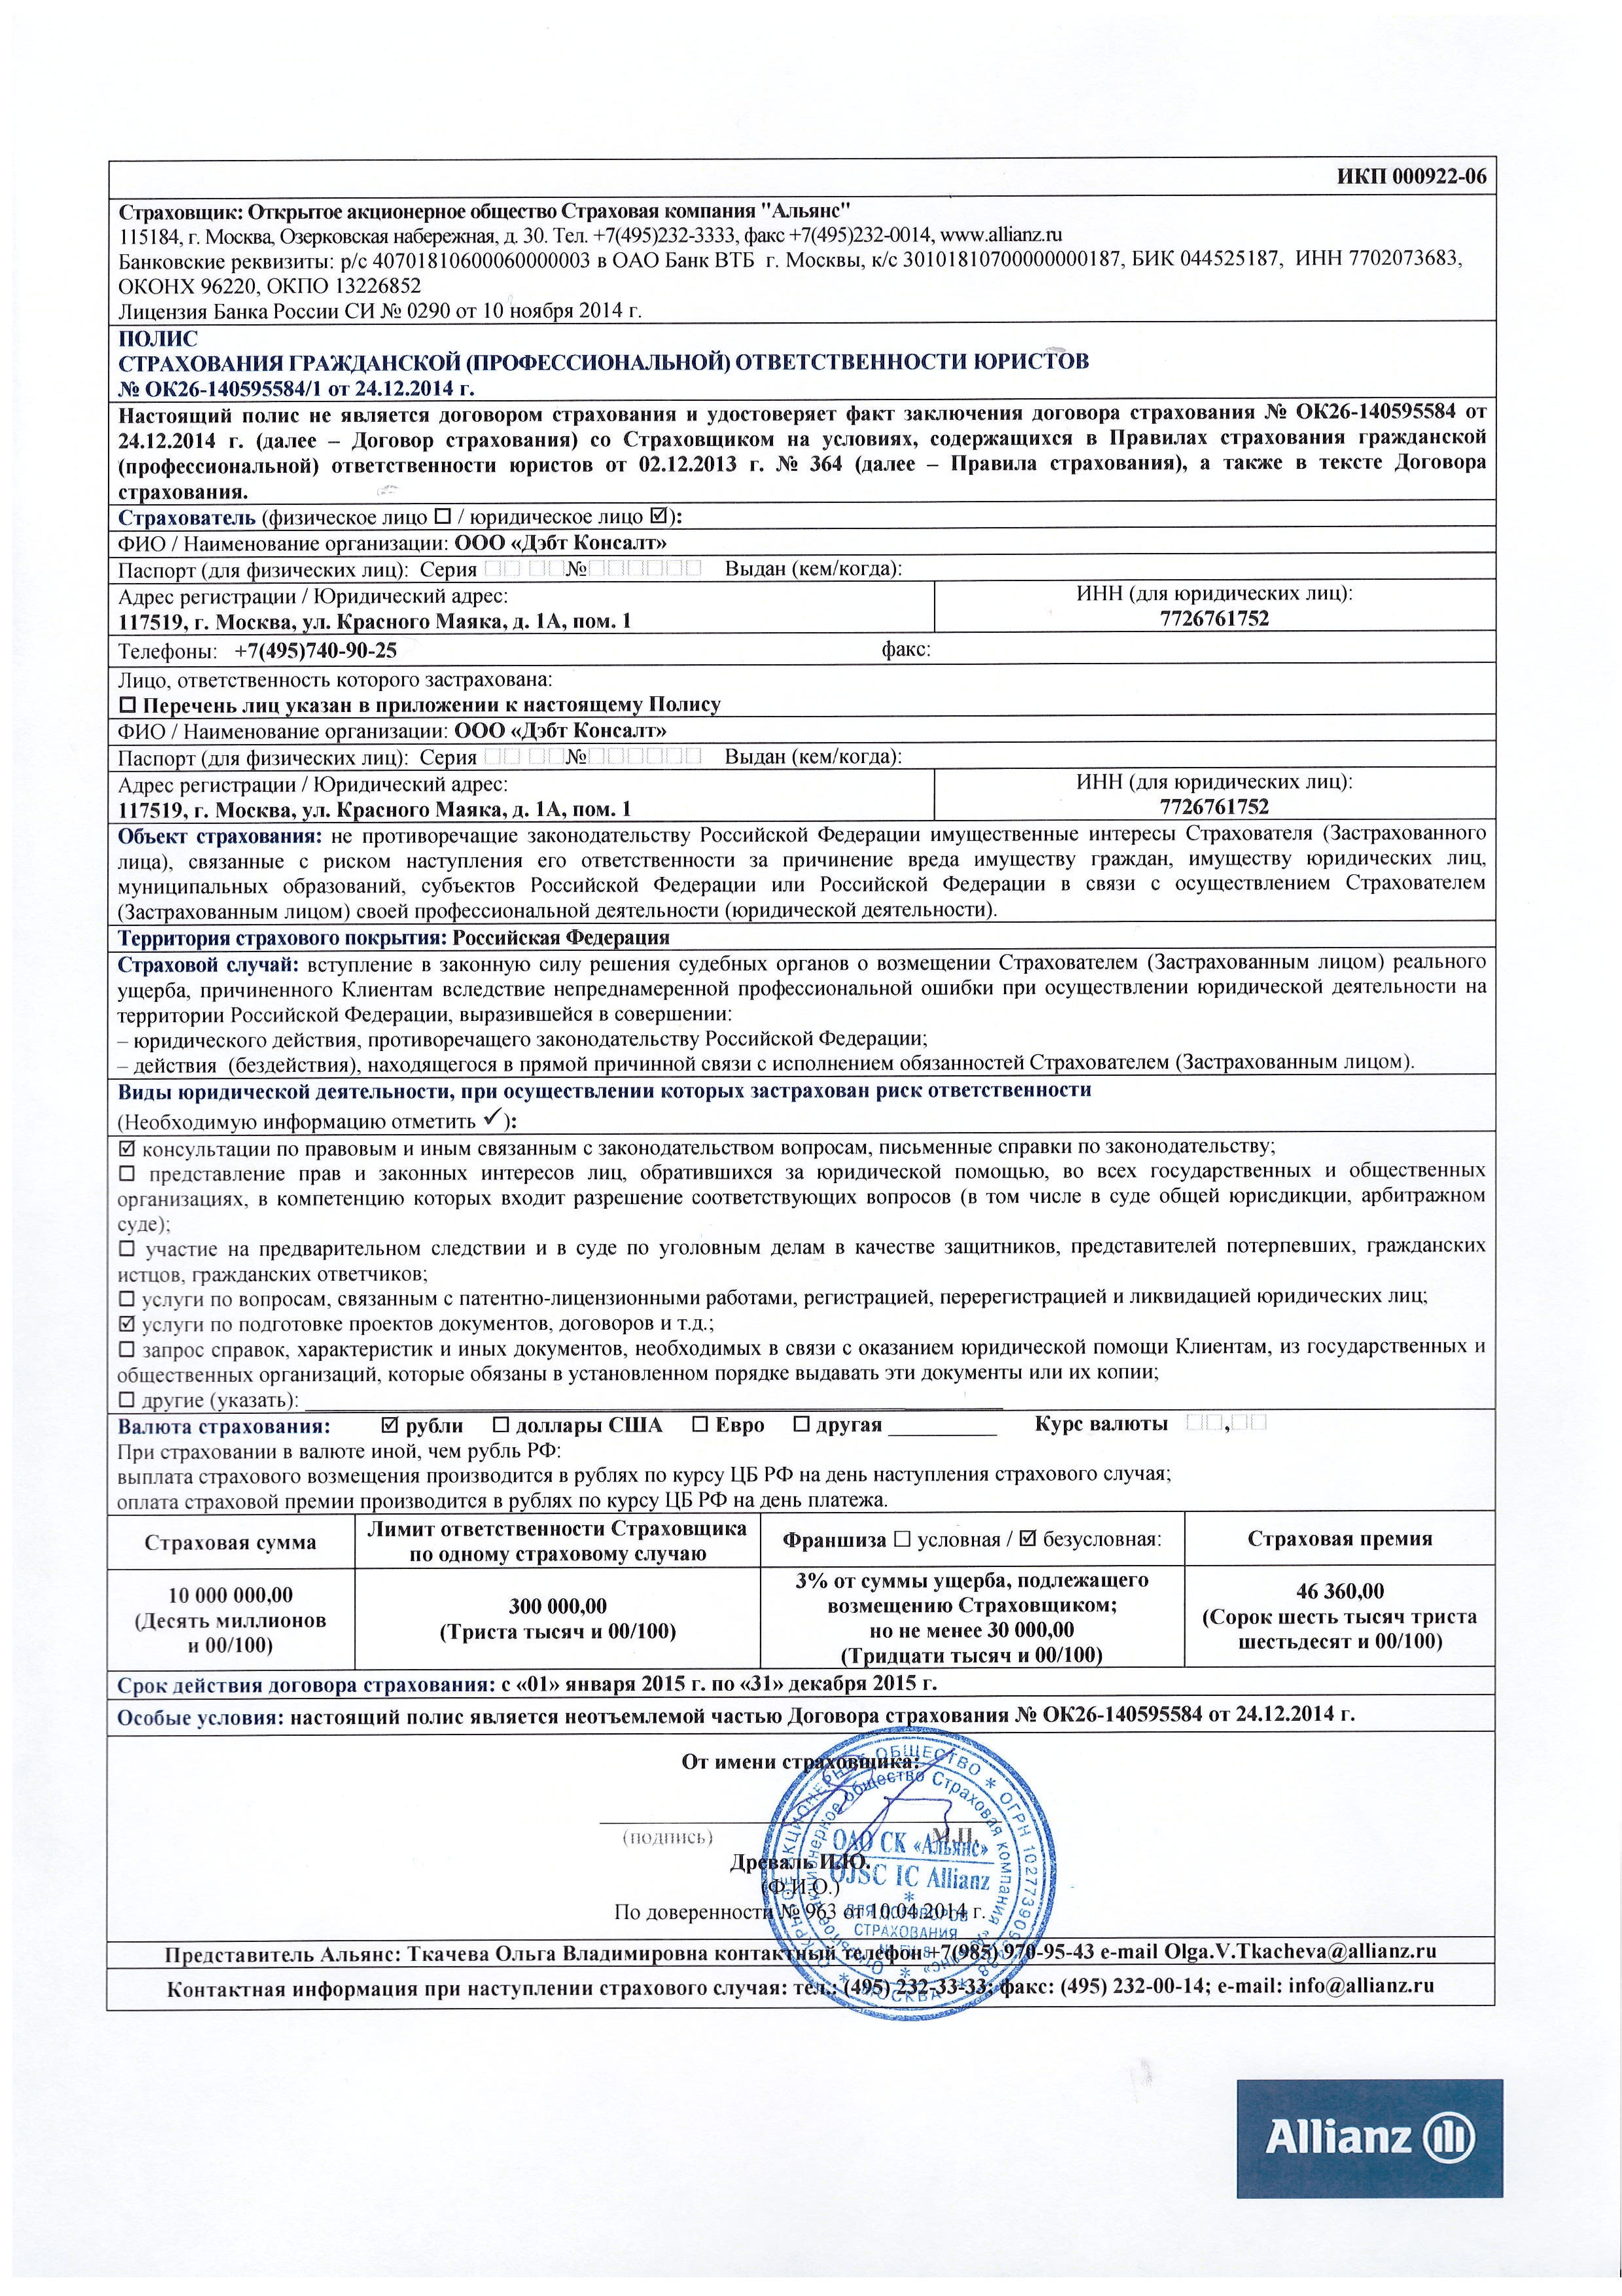 бухгалтерские документы на услуги страхования